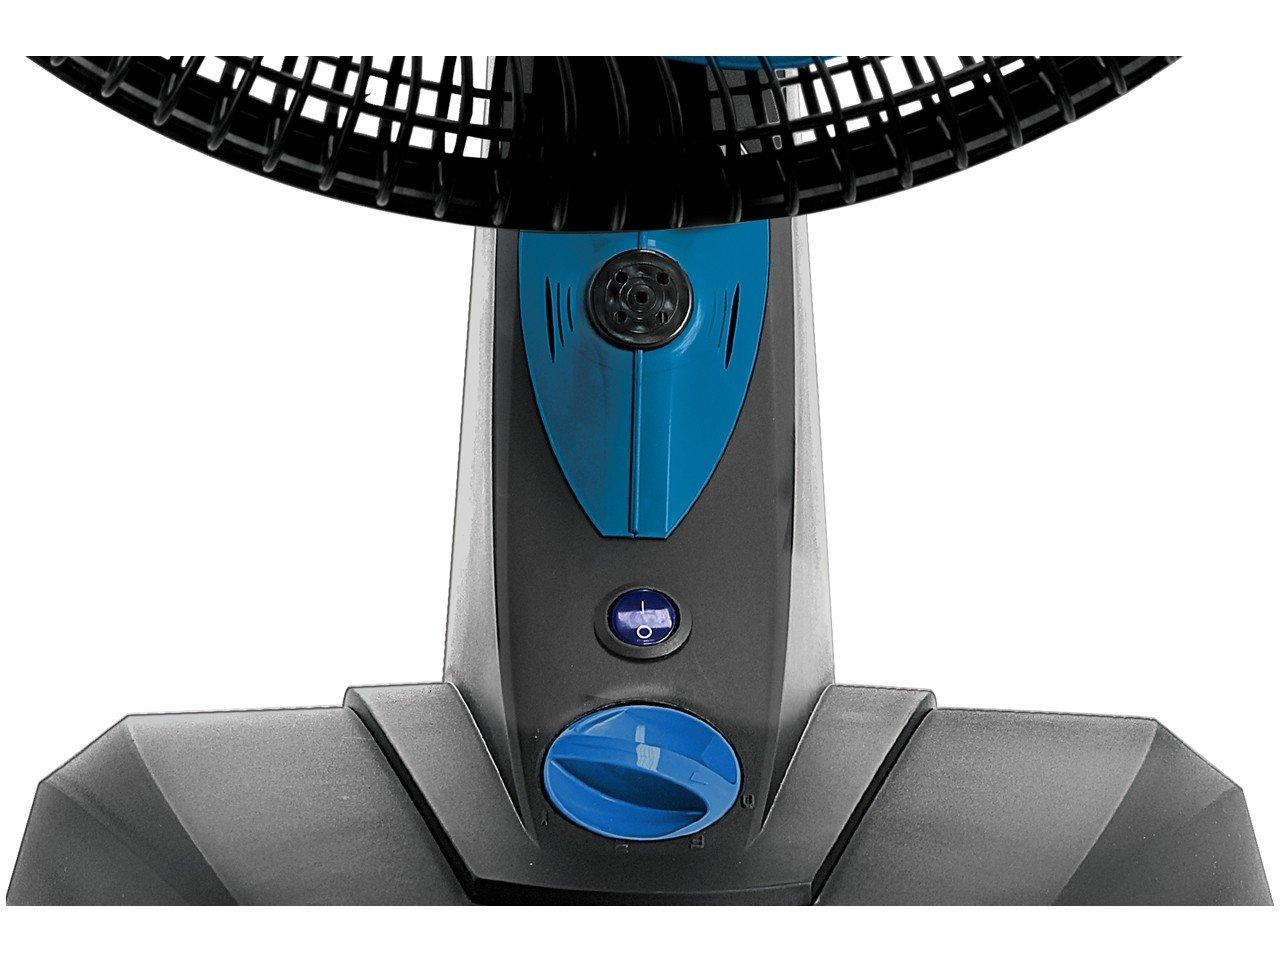 Ventilador de Mesa Mallory Ozônic TS 40cm, 6 Pás, 126W - Preto/Azul - 220V - 6